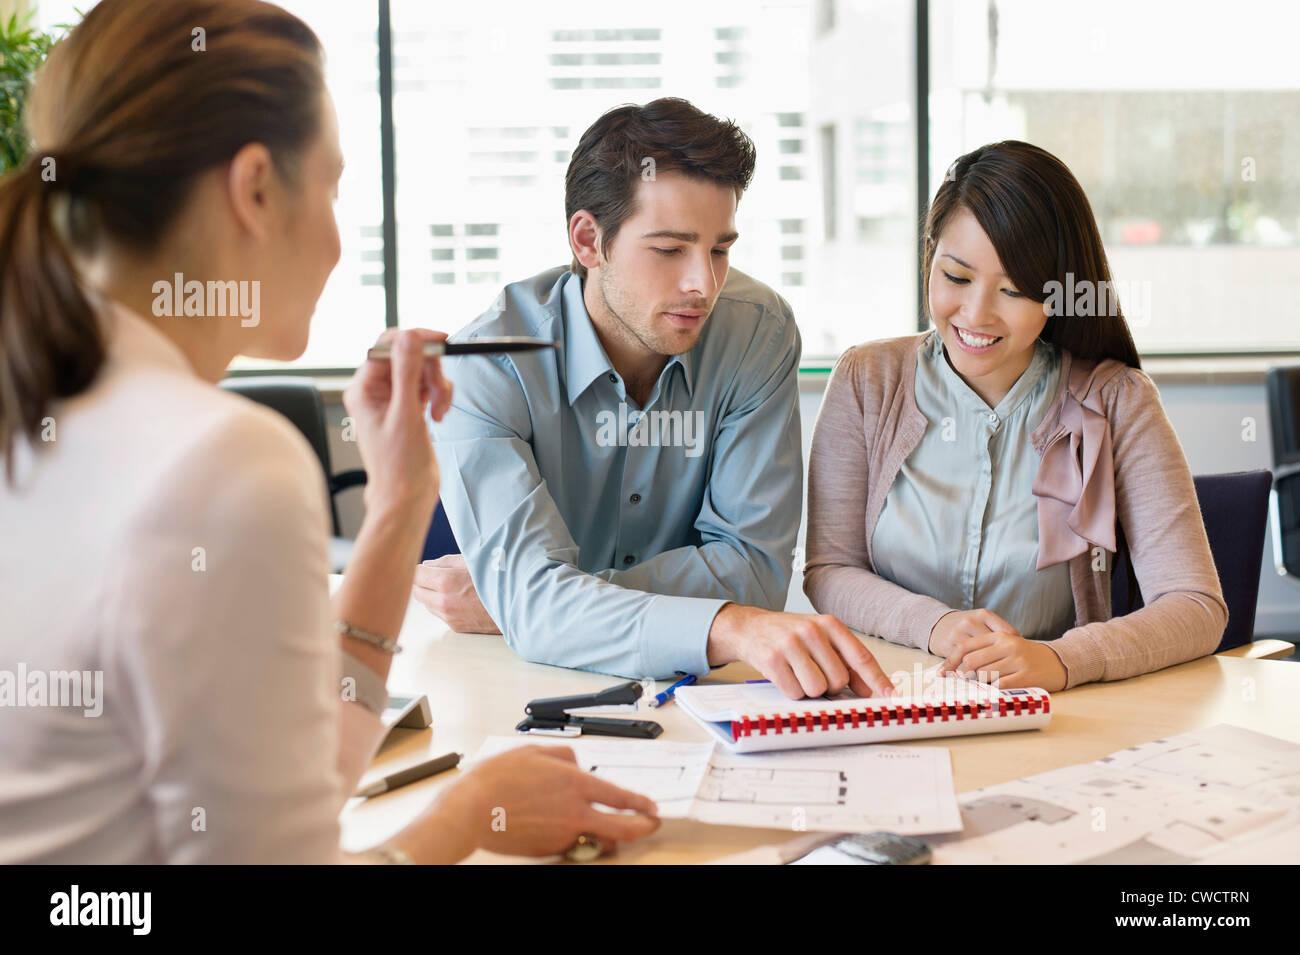 Real Estate Agent Objektunterlagen für seine Kunden diskutieren Stockbild